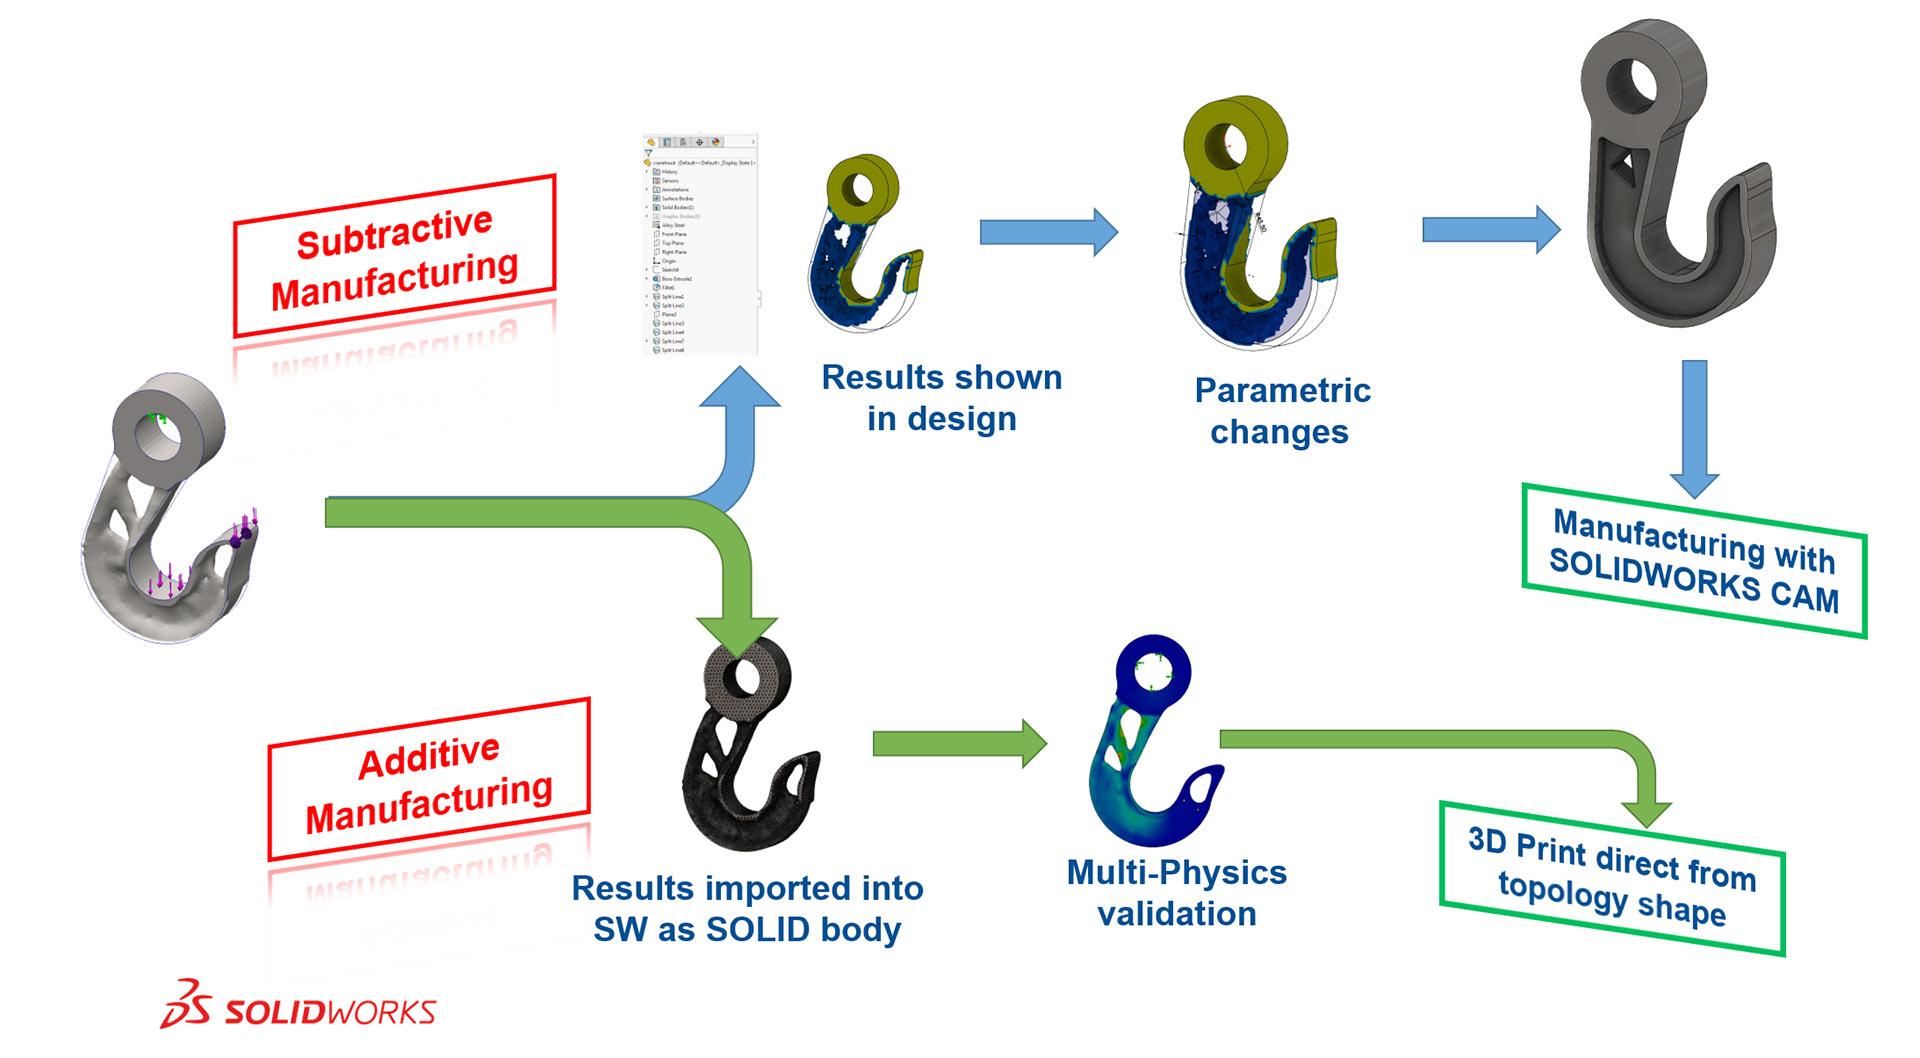 Infografik: Topologie Optimierung mit Solidworks (englisch)